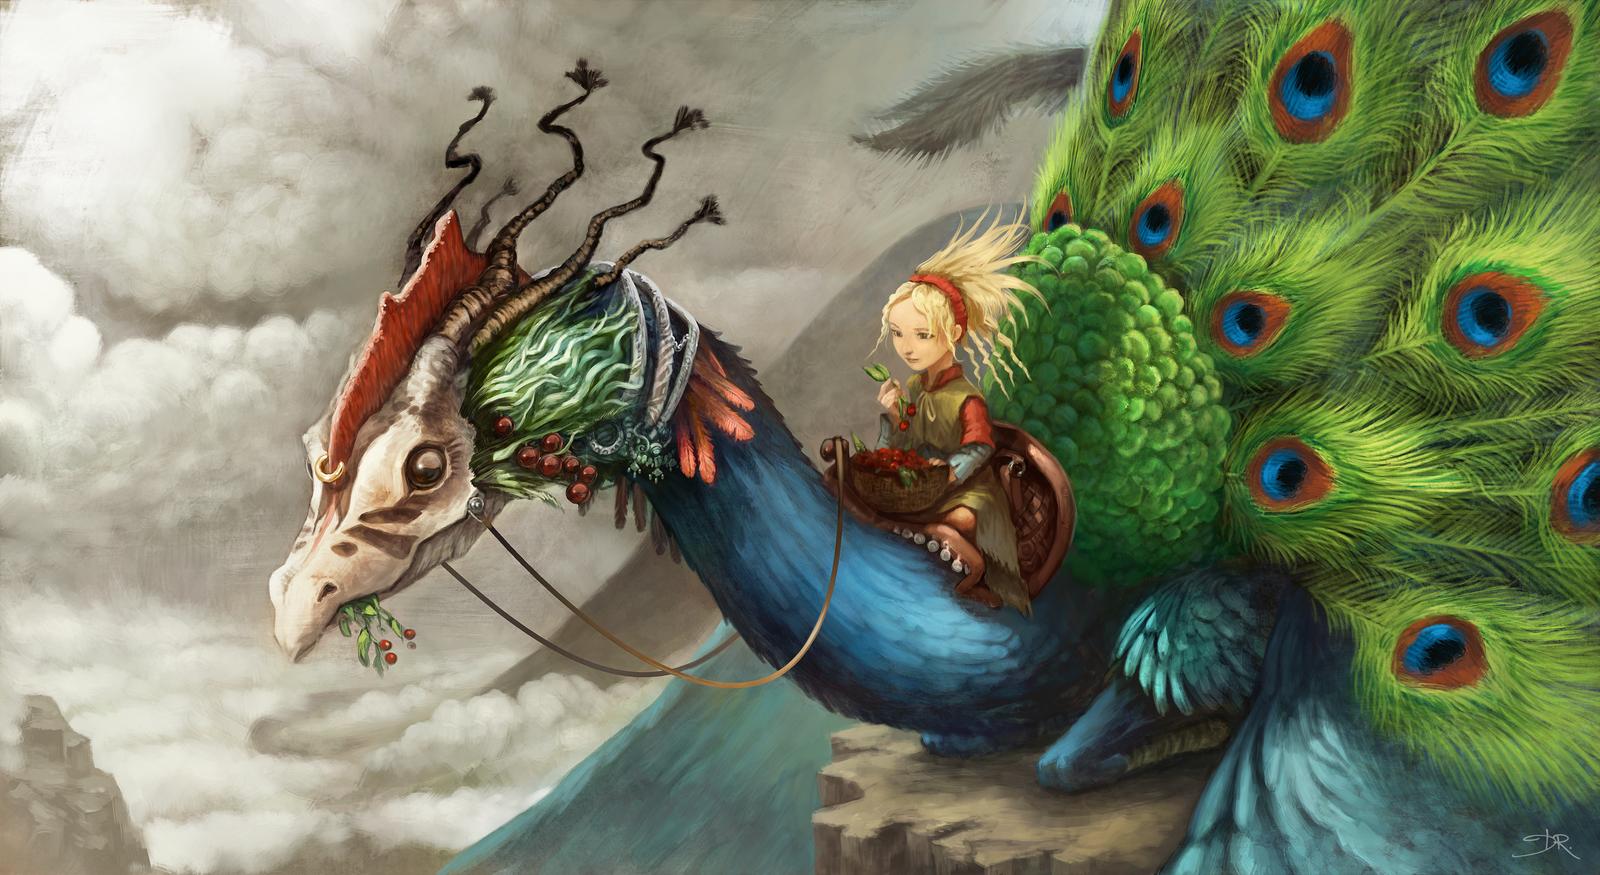 Peacock Dragon by Deevad